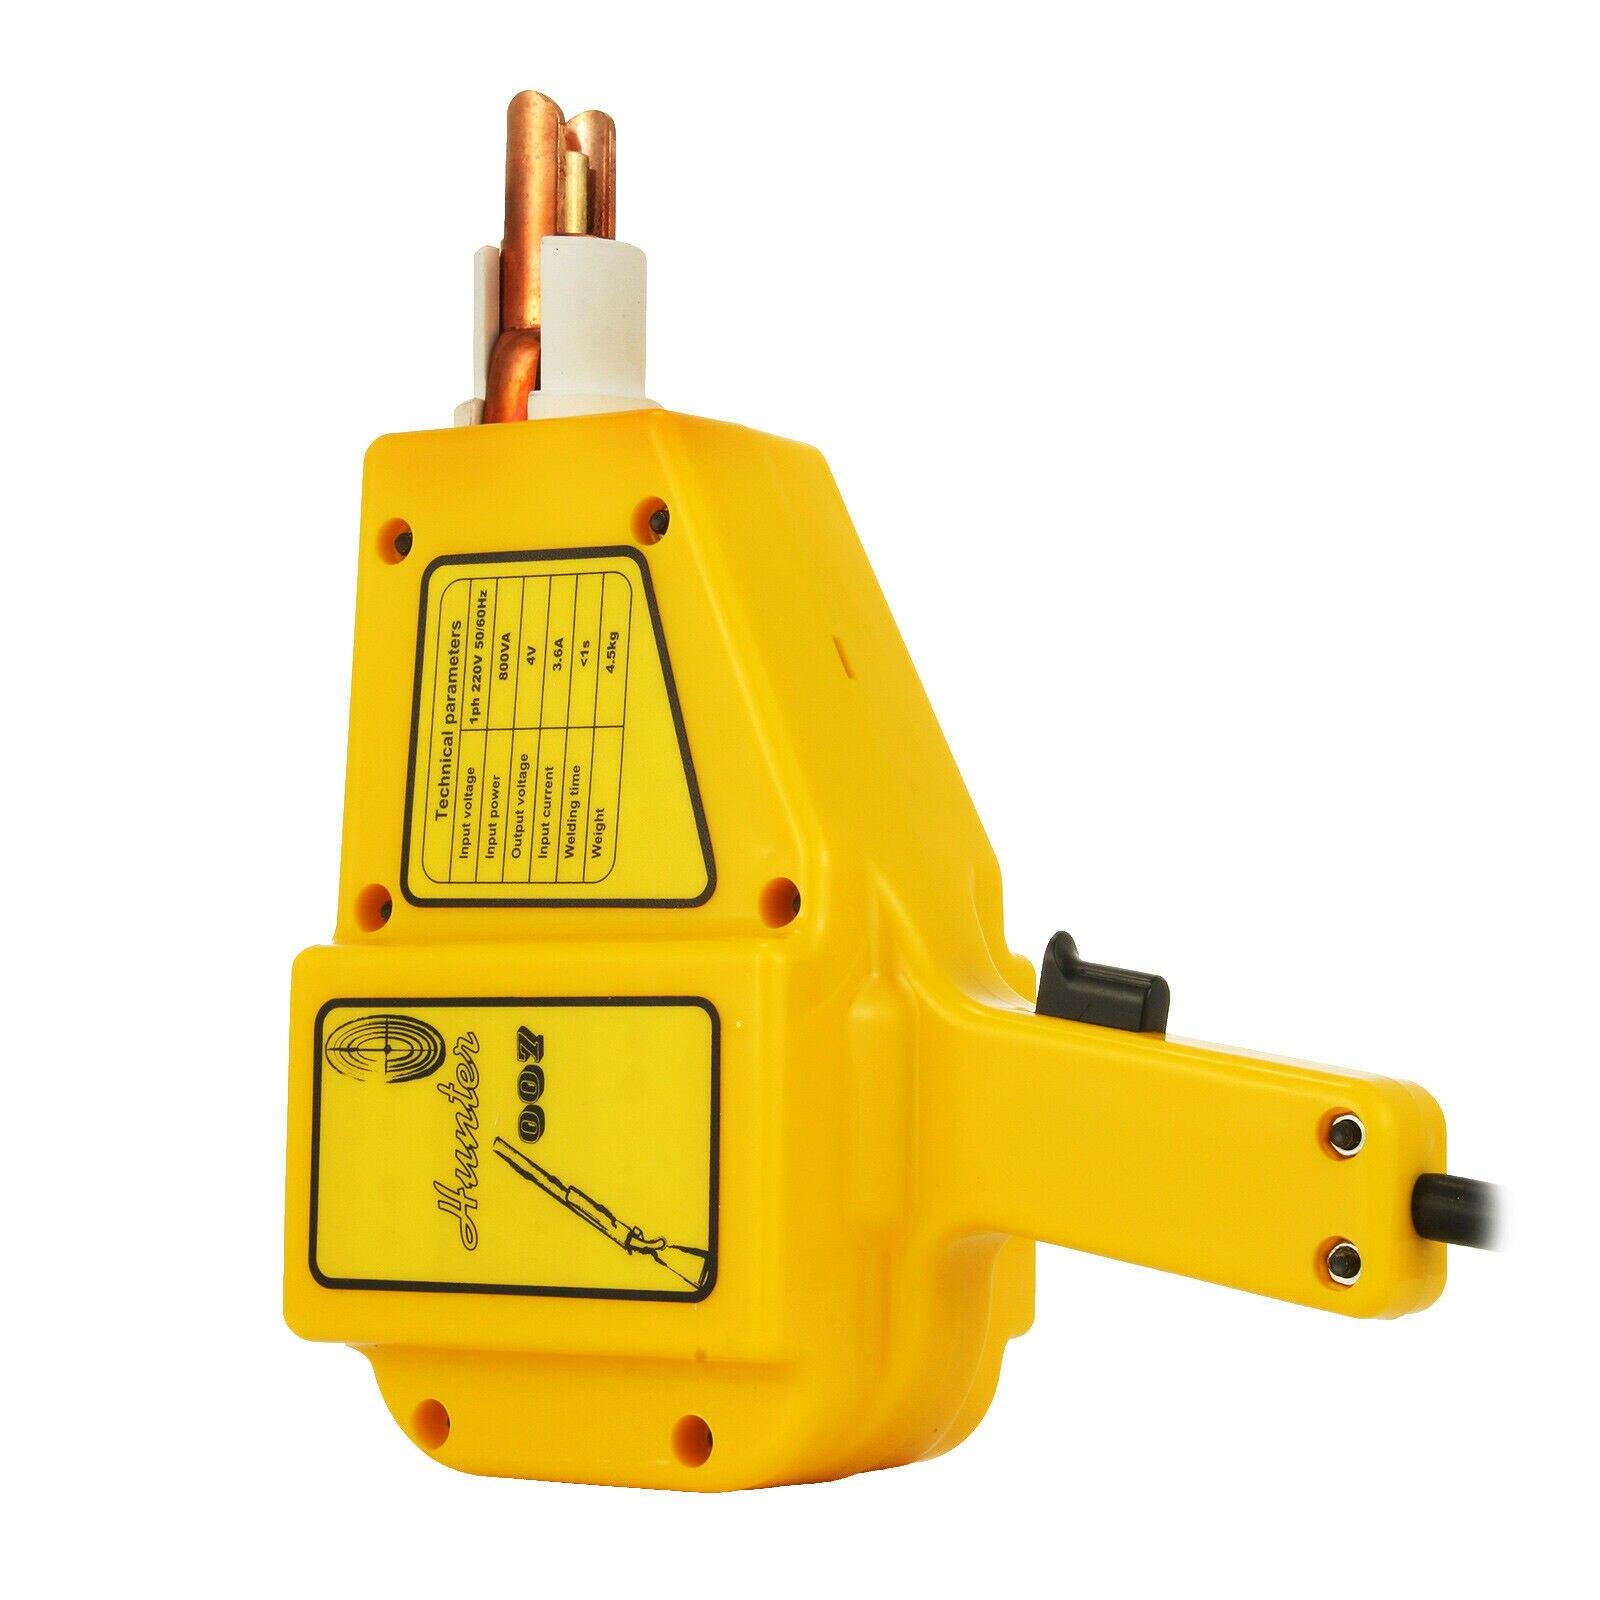 Stud Welding A Spot Puller Gun 1600 Accessories Kit With Dent Welder